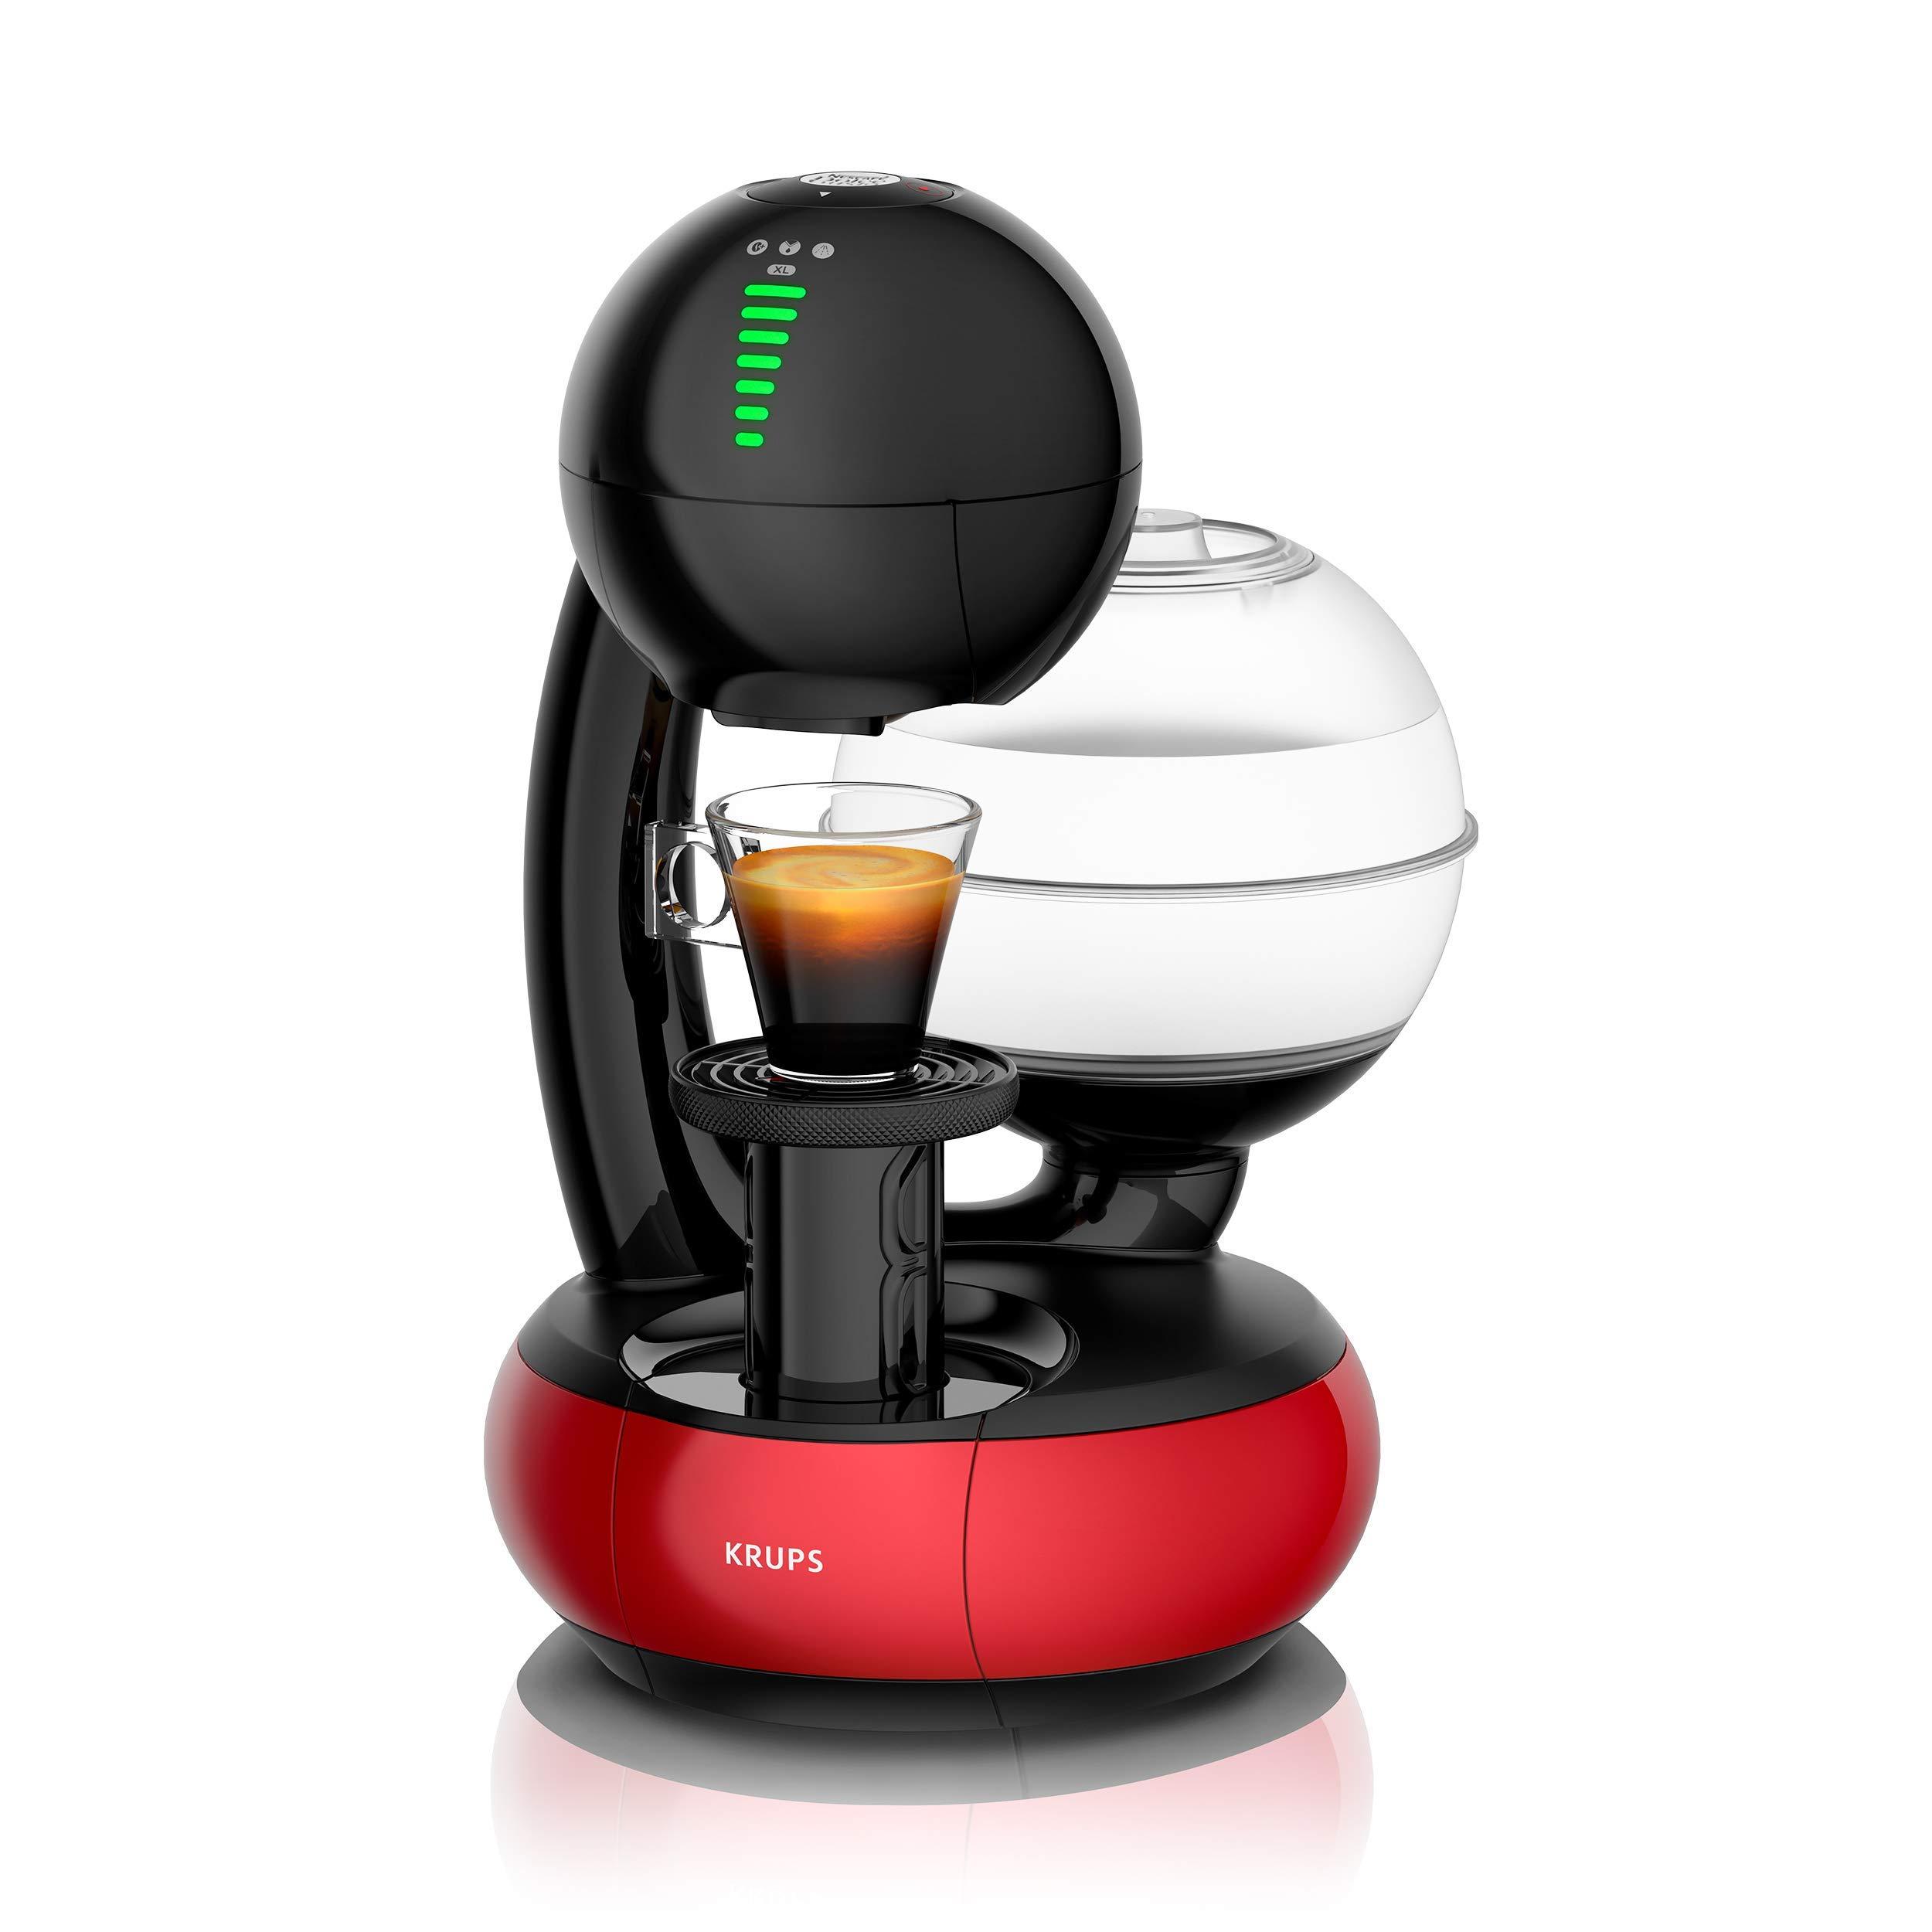 Krups - Cafetera de cápsulas Nescafé Dolce Gusto Esperta (1500 W, capacidad del depósito de agua: 1,4 l. Presión de la bomba: 15 bares) blanco/rojo: Amazon.es: Hogar